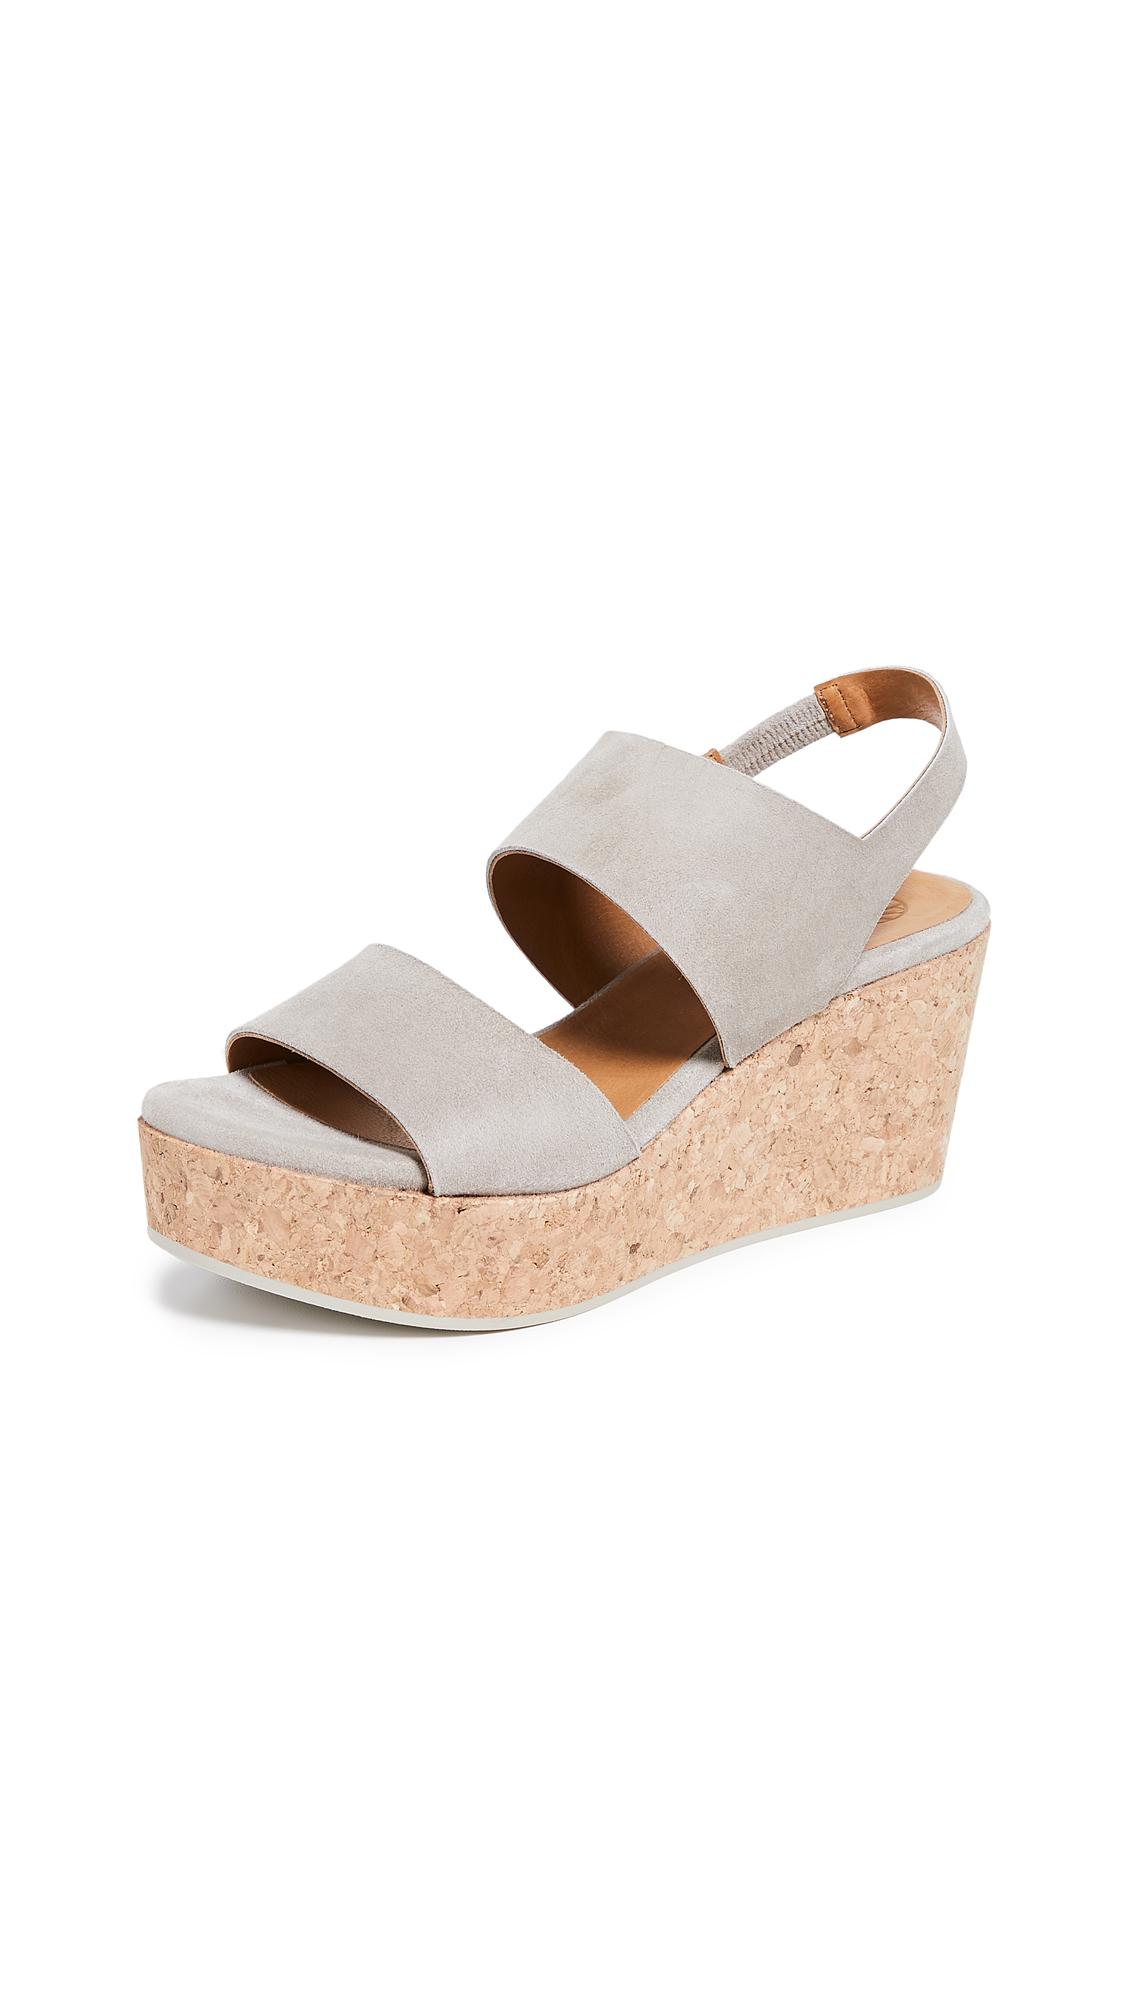 Coclico Shoes Glassy Platform Sandals